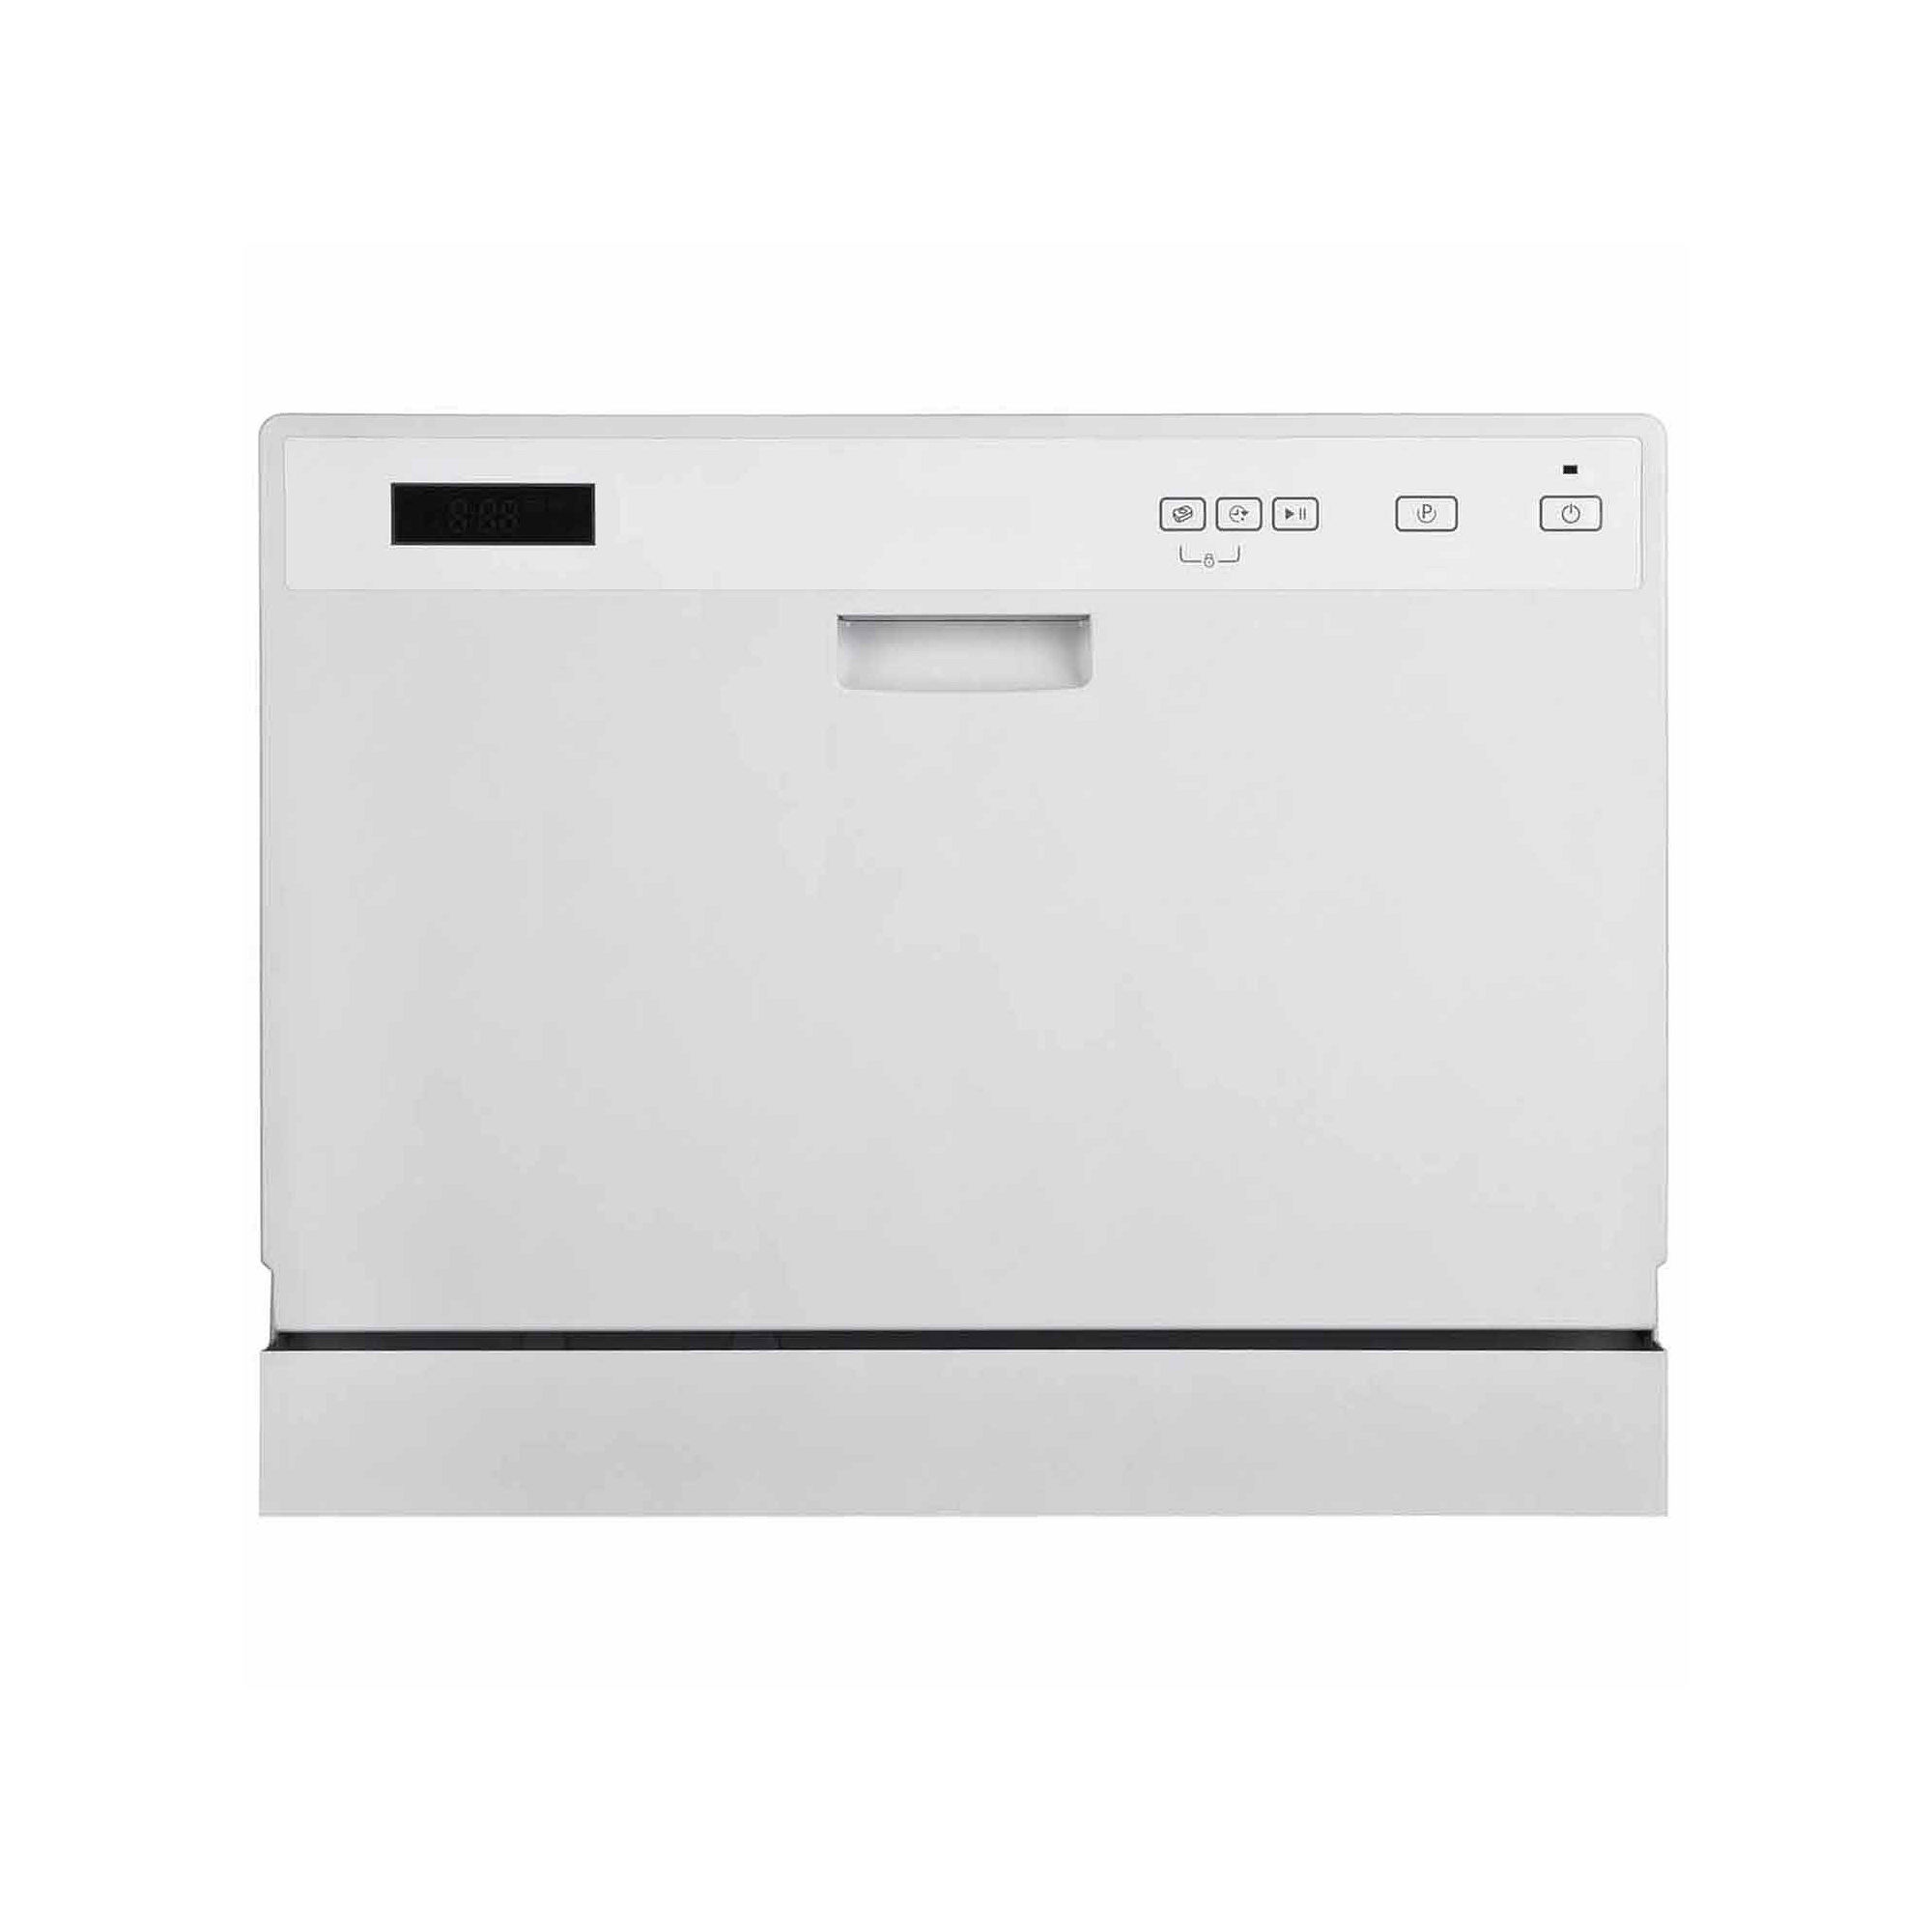 Midea Countertop Dishwasher